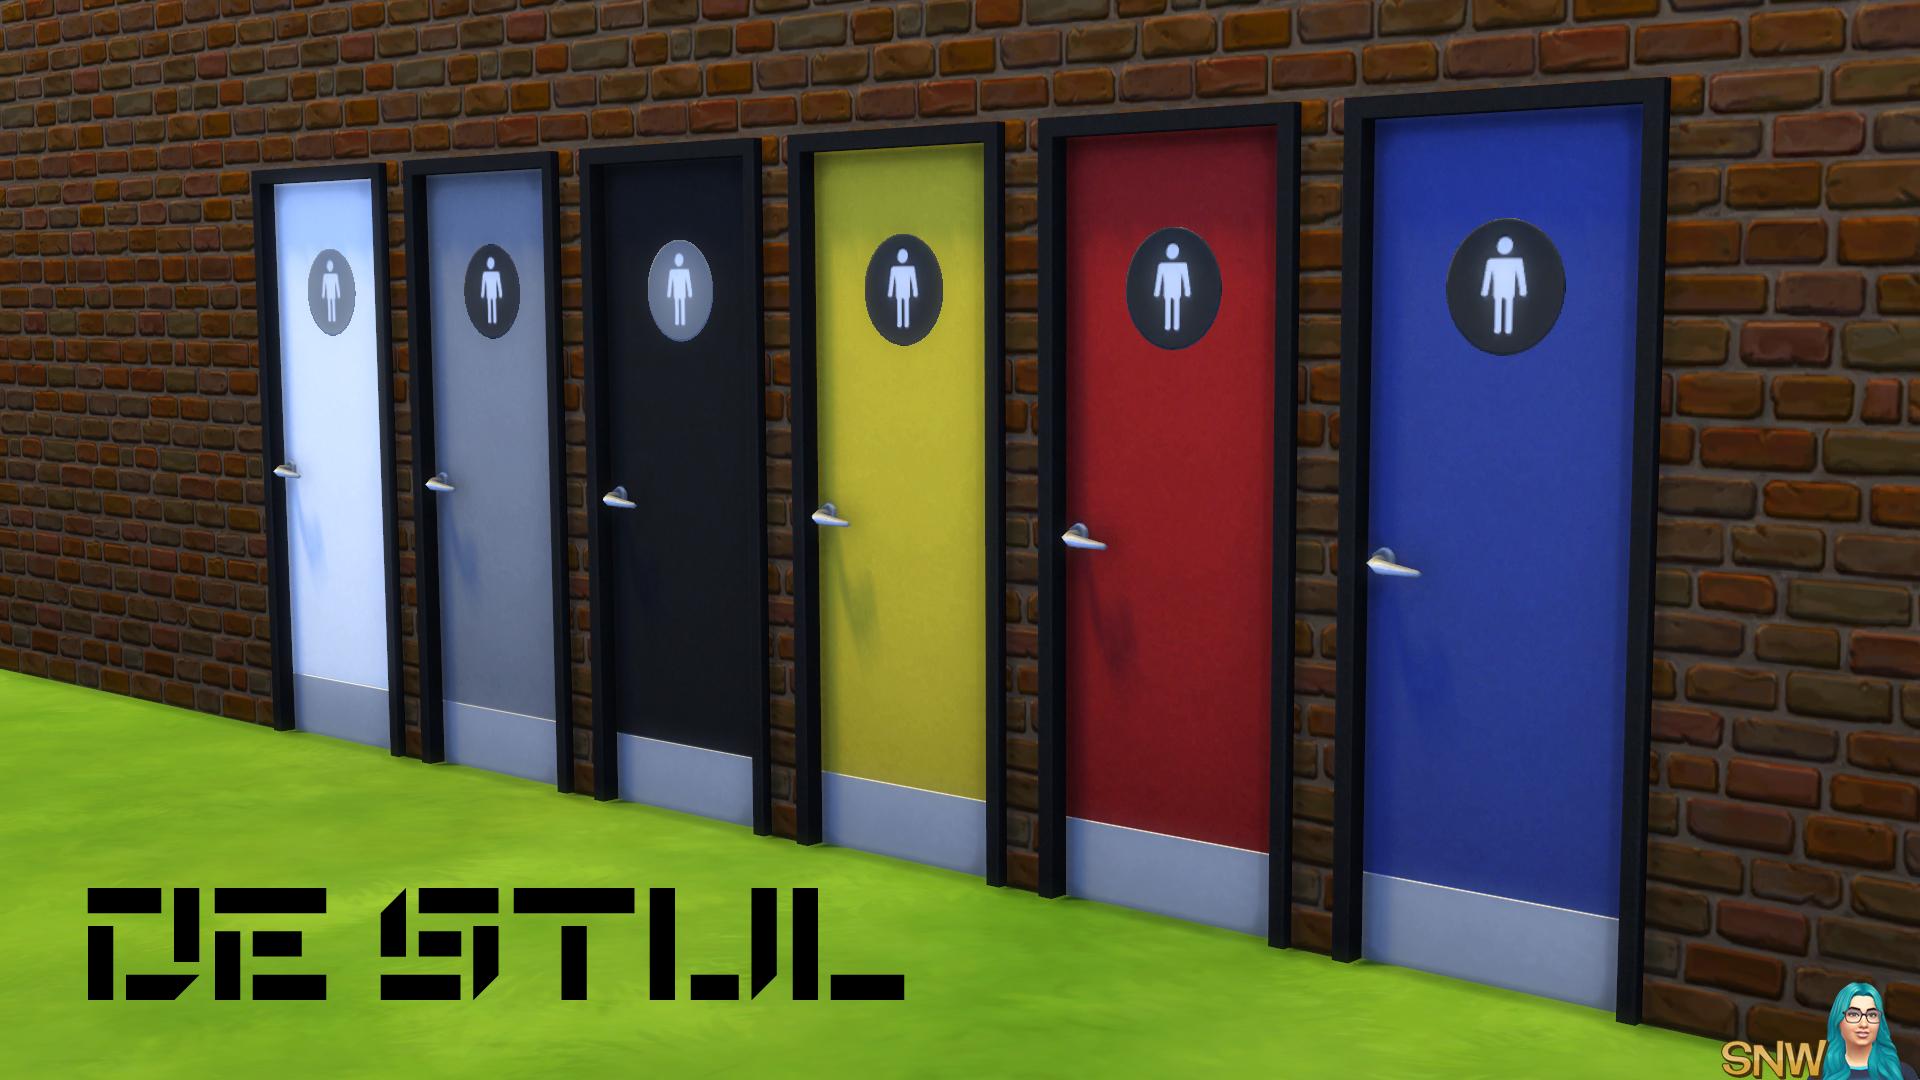 De Stijl Doors for The Sims 4 & De Stijl Toilet Doors #9 | SNW | SimsNetwork.com